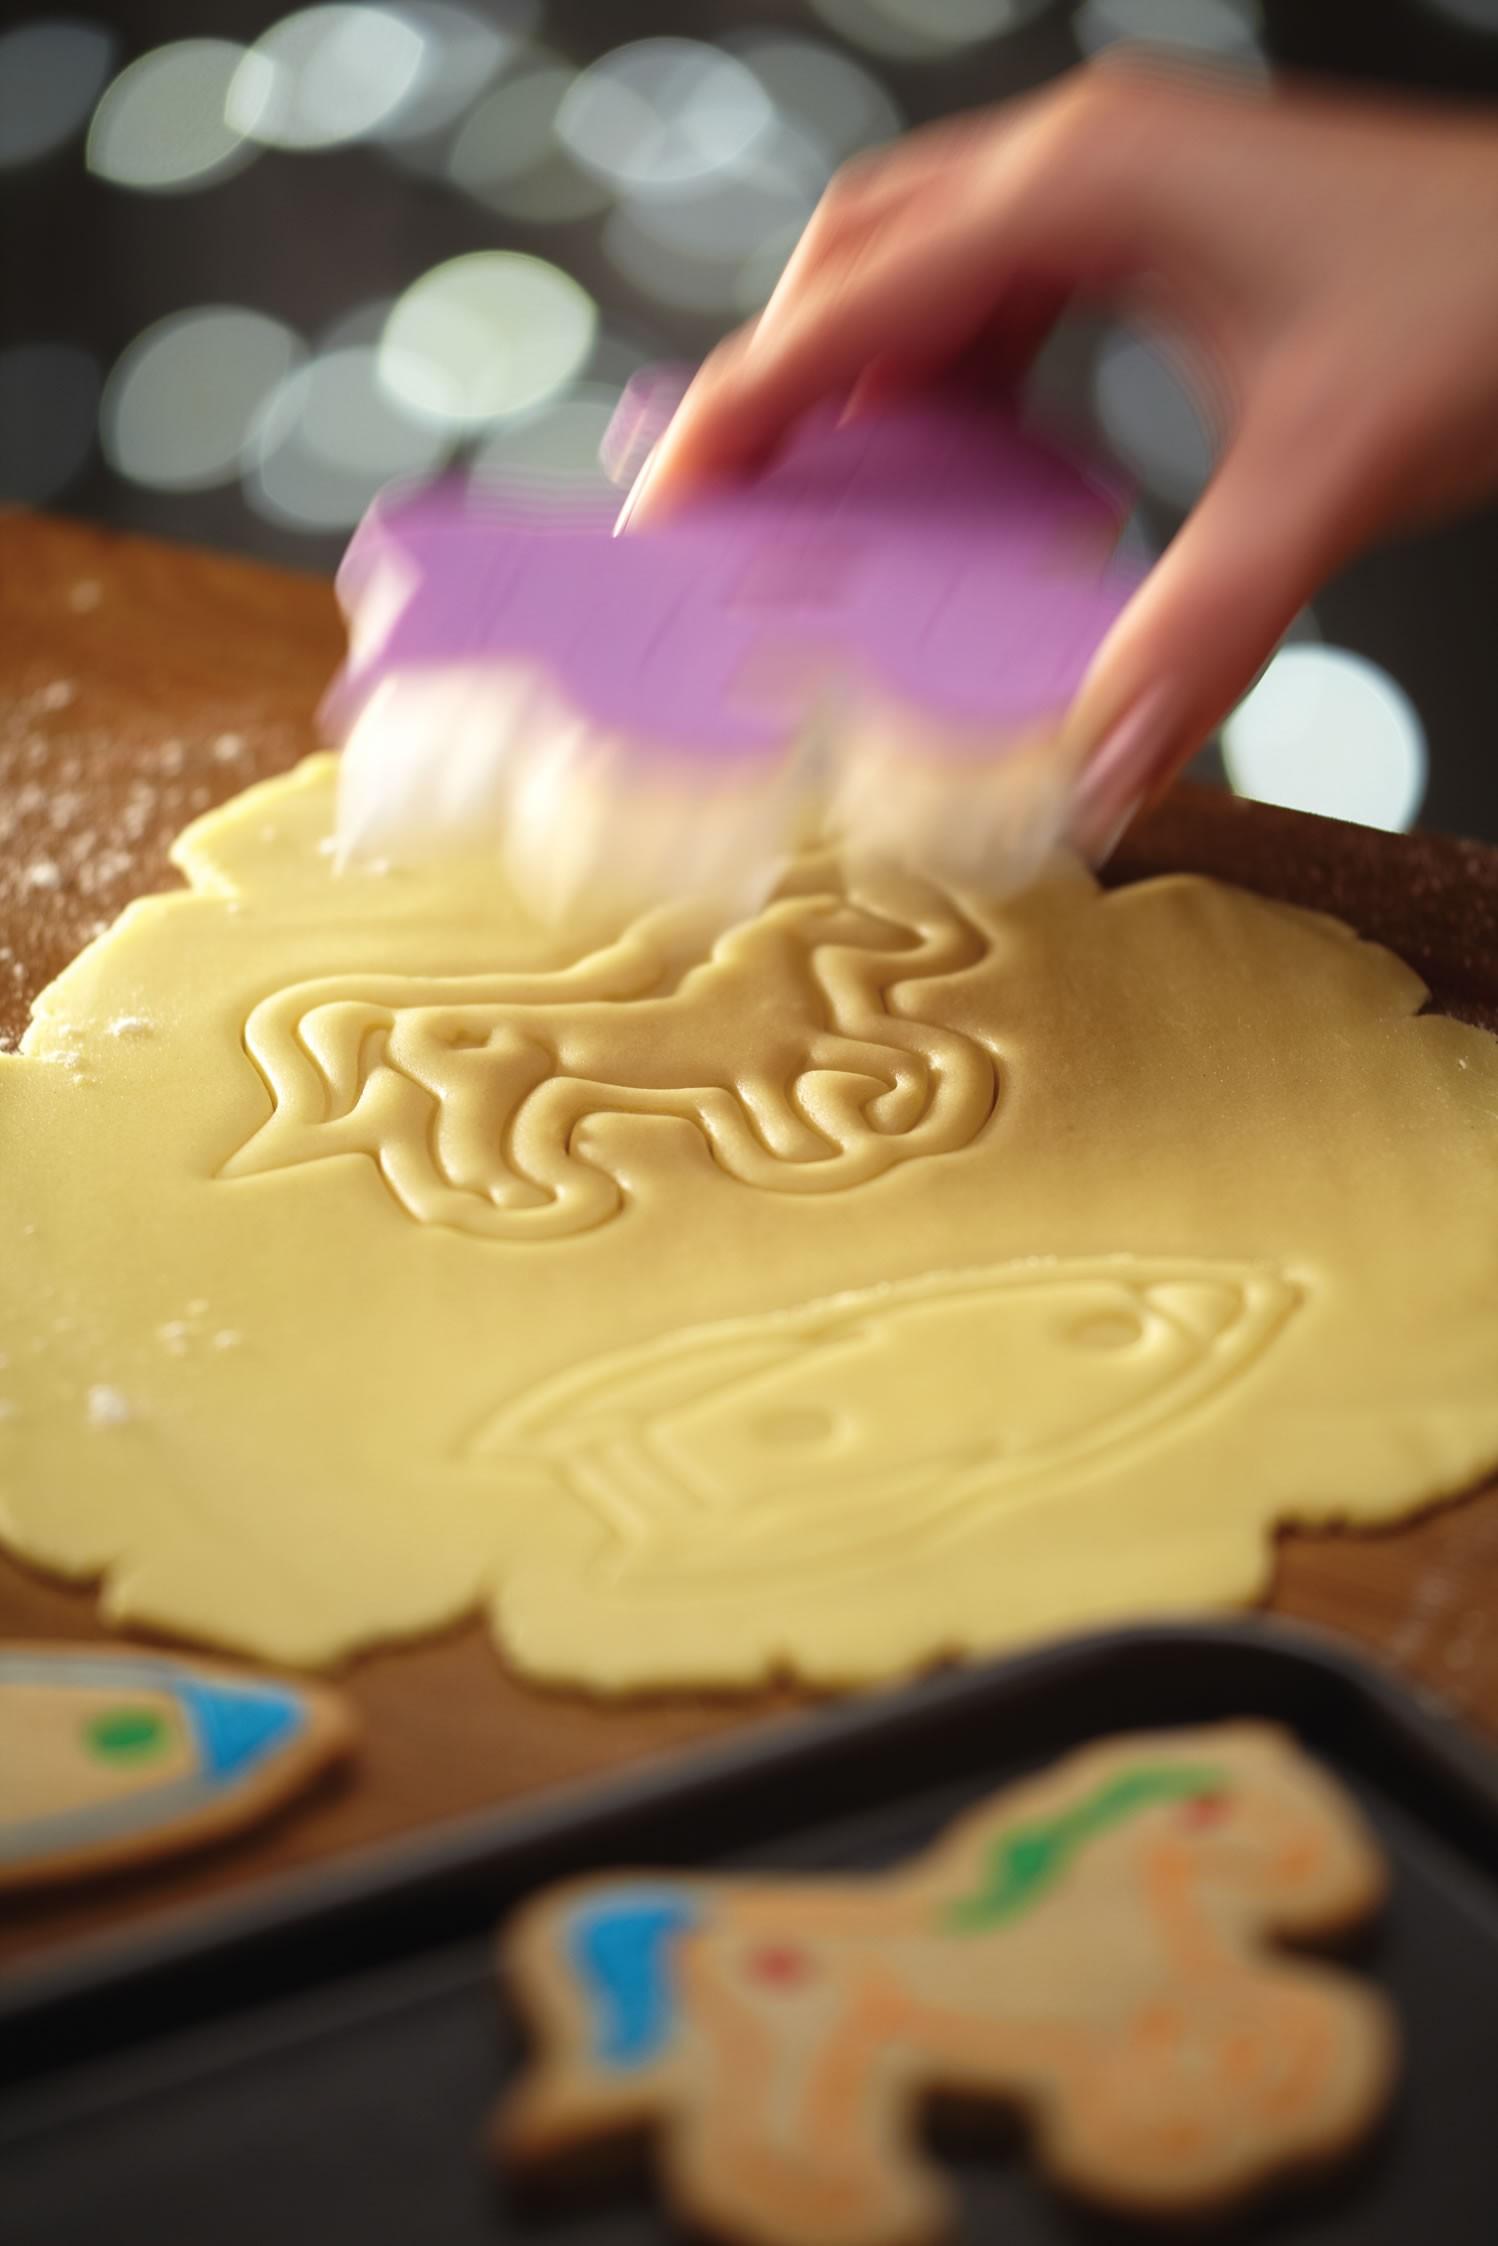 κουπ-πατ αλογάκι 3d kitchencraft